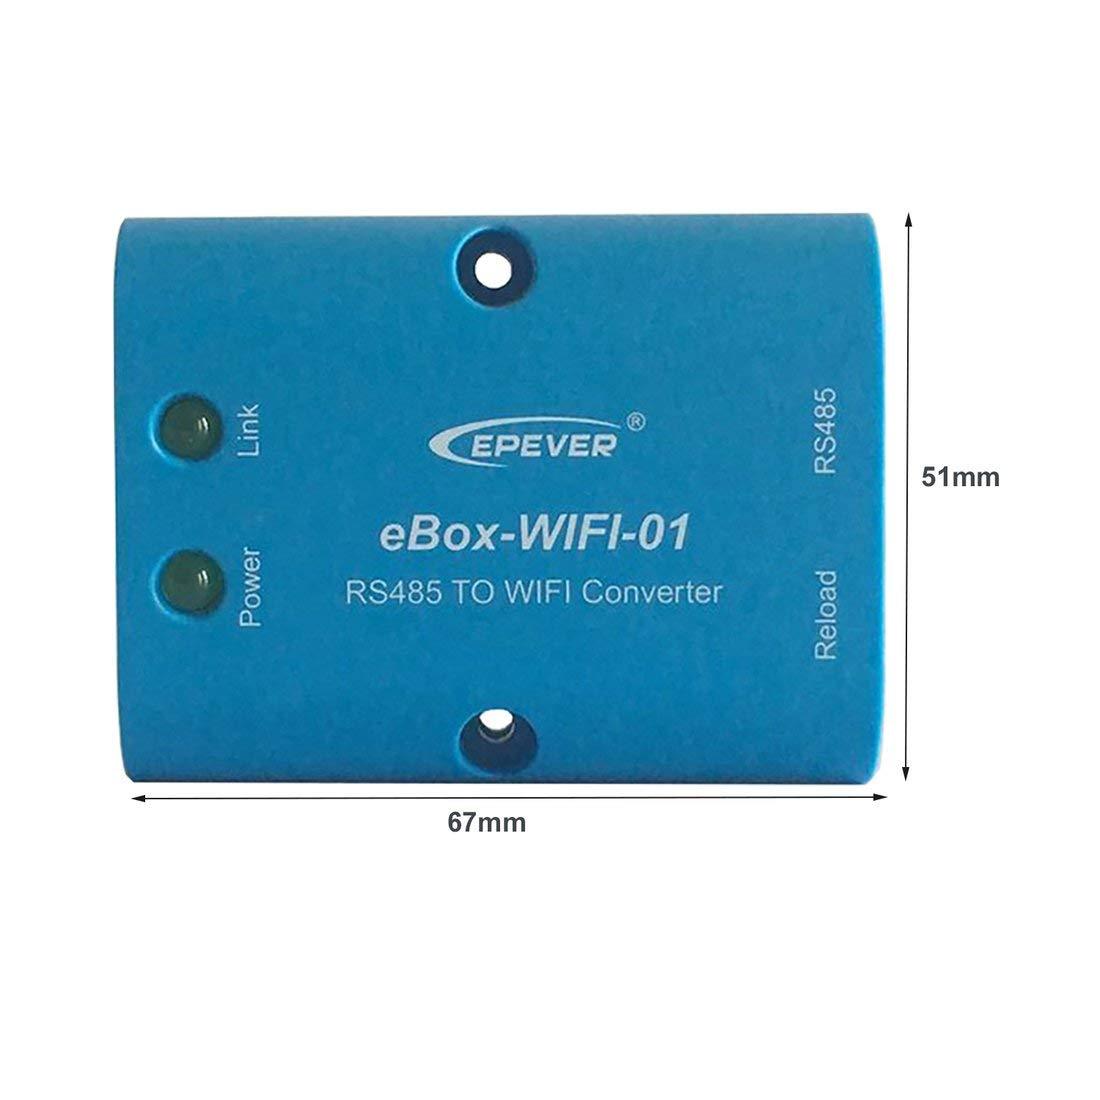 Formulaone Servidor Serie eBox-WIFI-01 RS485 para el Controlador Solar M4 CPU b/ásica Consumo bajo DC 5V Comunicaci/ón de monitoreo inal/ámbrico